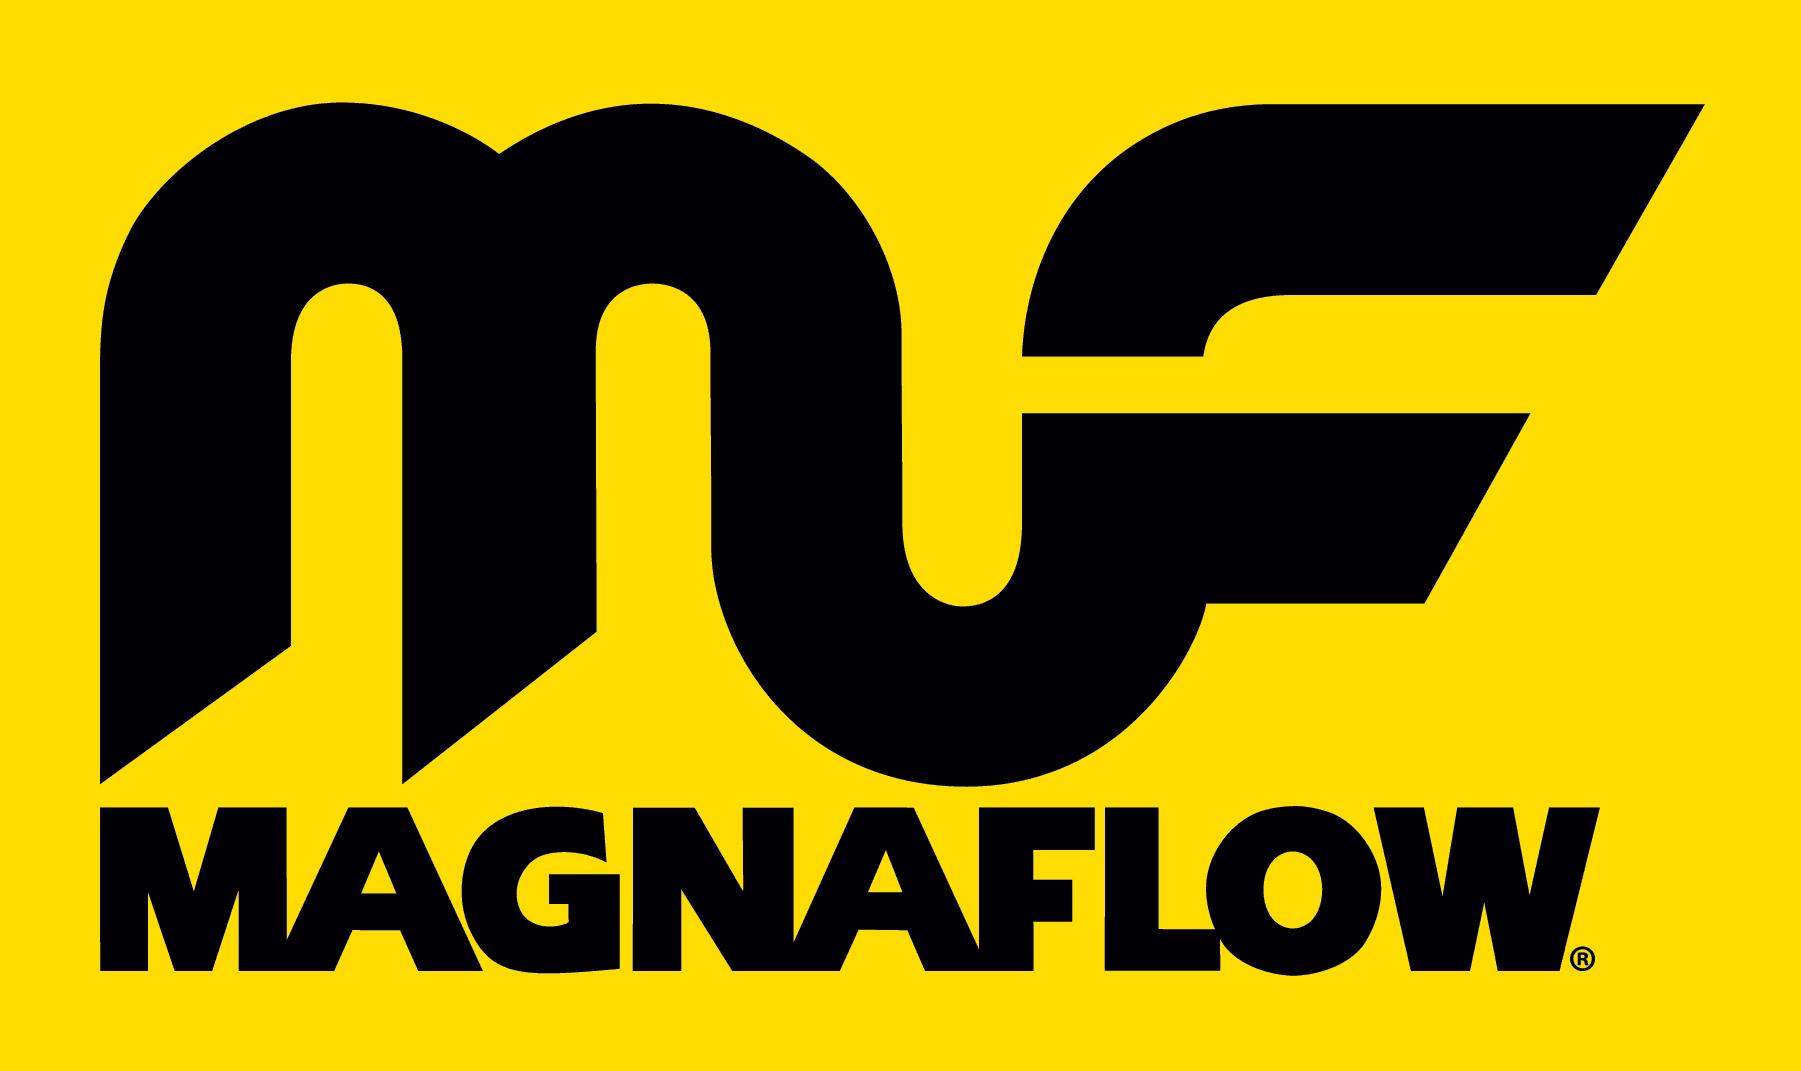 Magnaflowmf_magnaflow_lg_5f1b9144-fae4-4537-a7aa-7b5f43d2f408